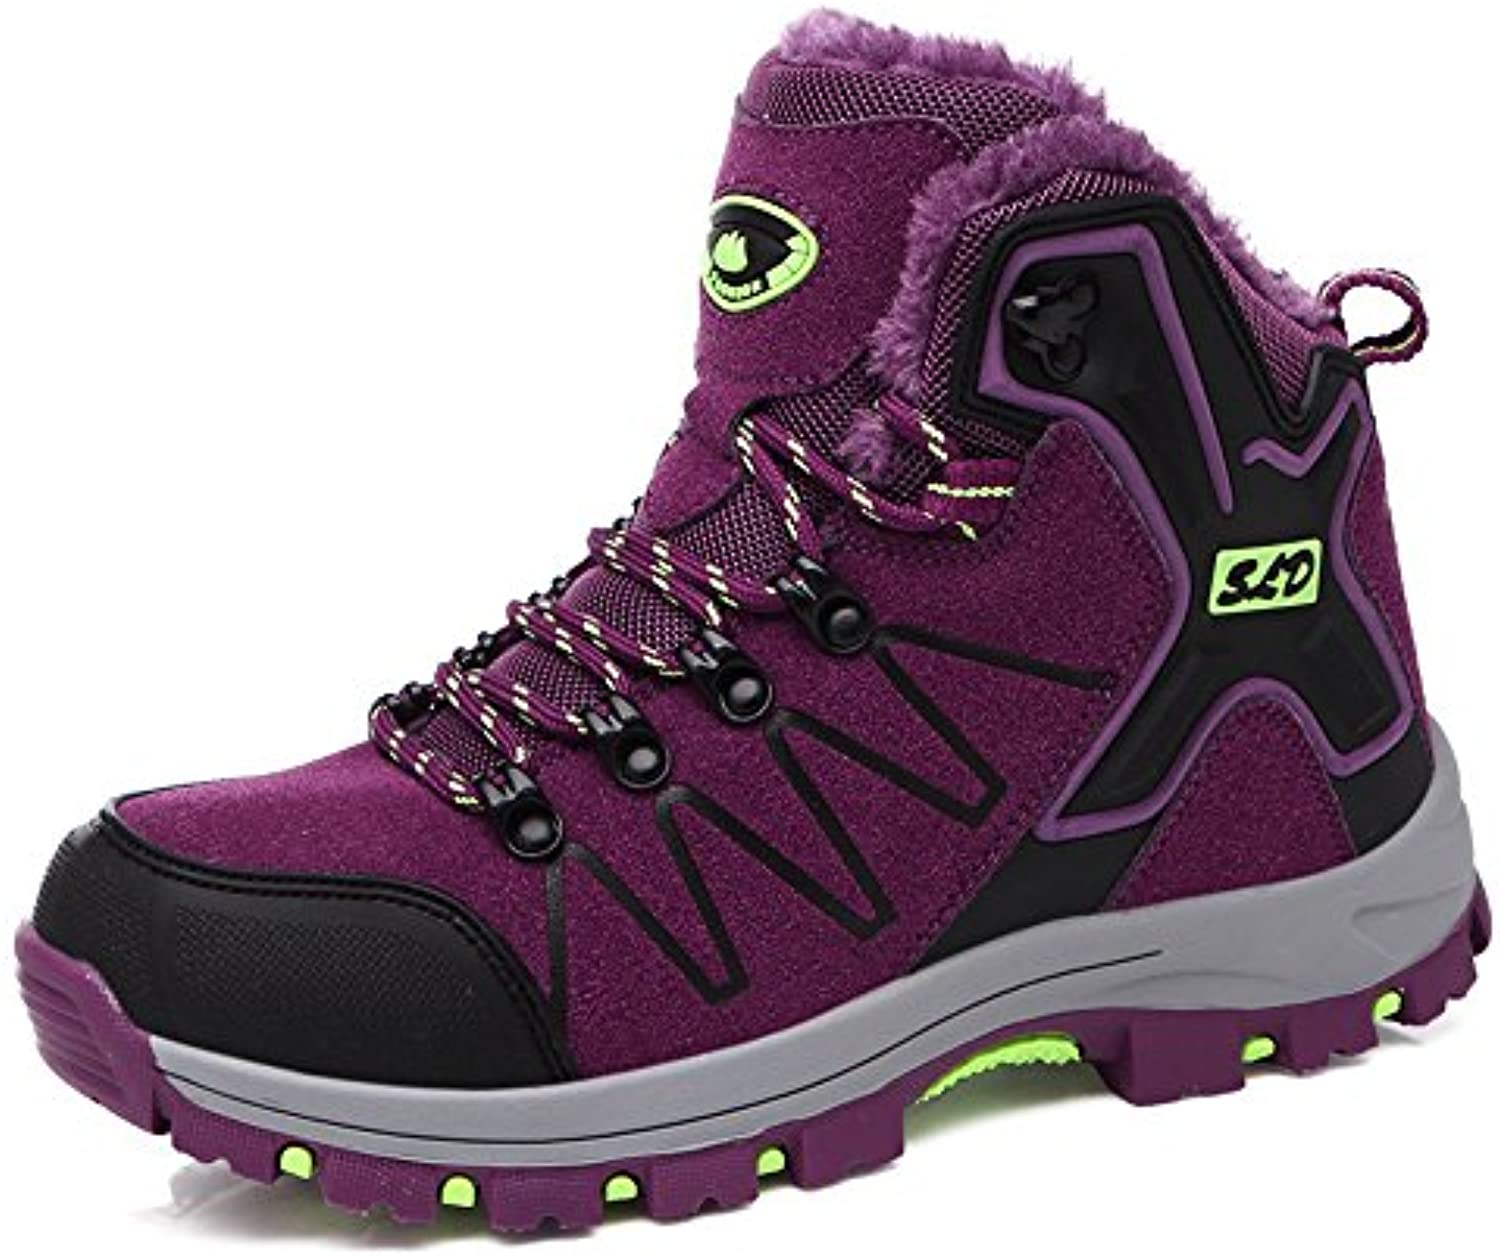 TUCSSON Botas de Senderismo Impermeables para Mujeres,de ocio al Aire Libre Zapatos de Deporte Zapatillas de Senderismo